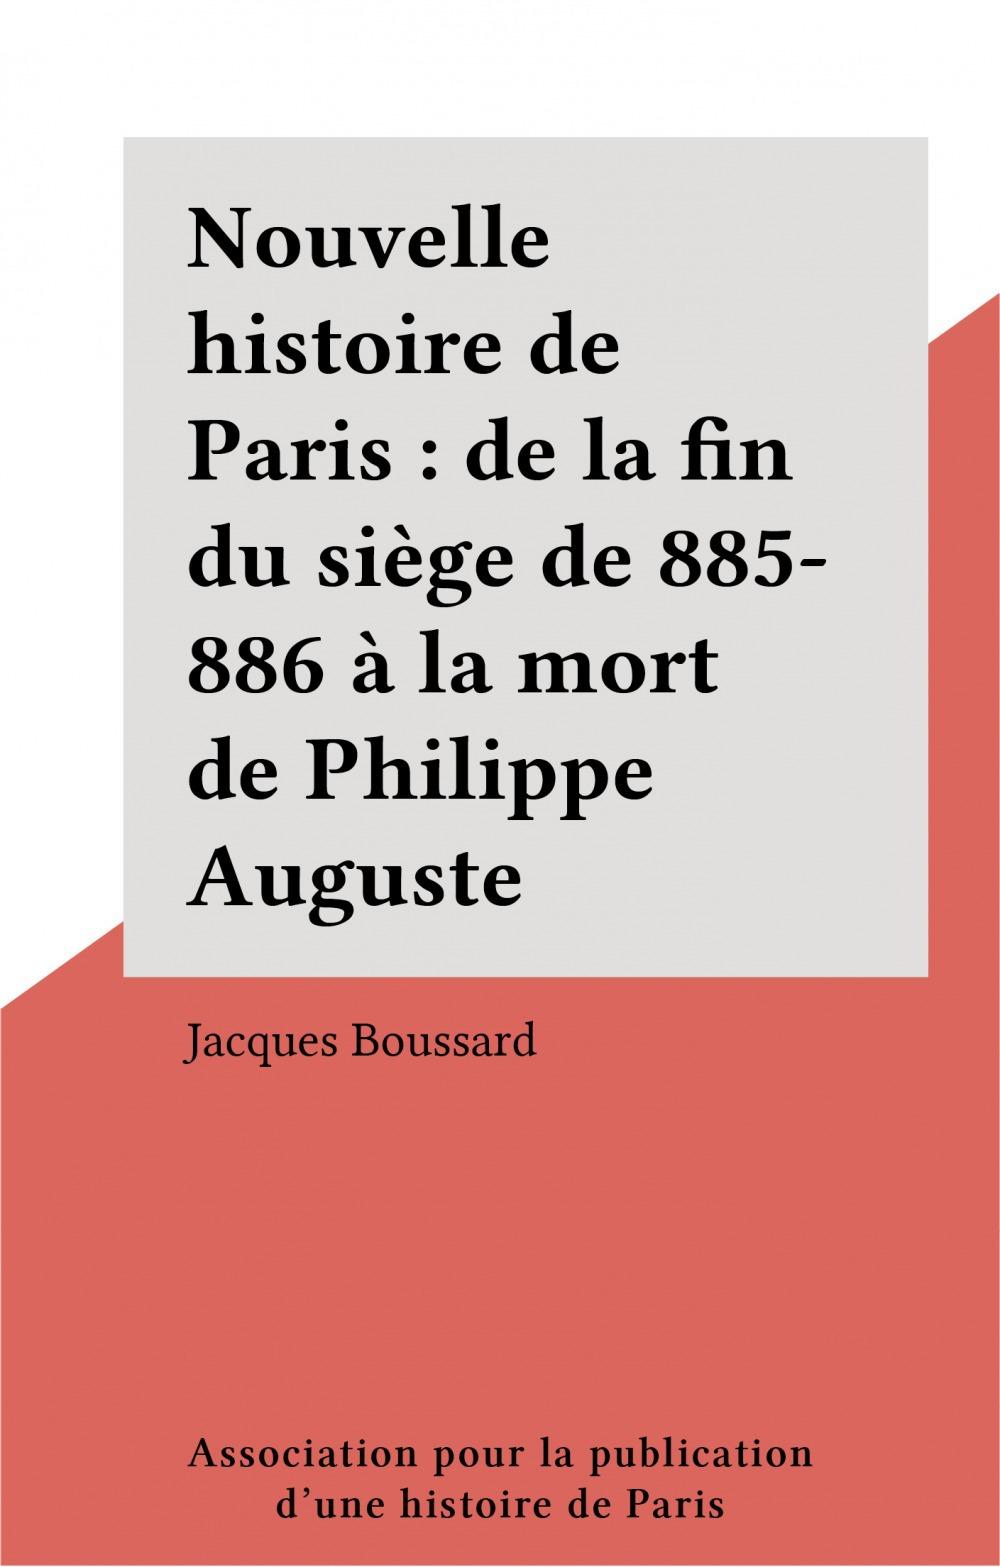 De la fin du siege de 885-886 a la mort de philippe auguste